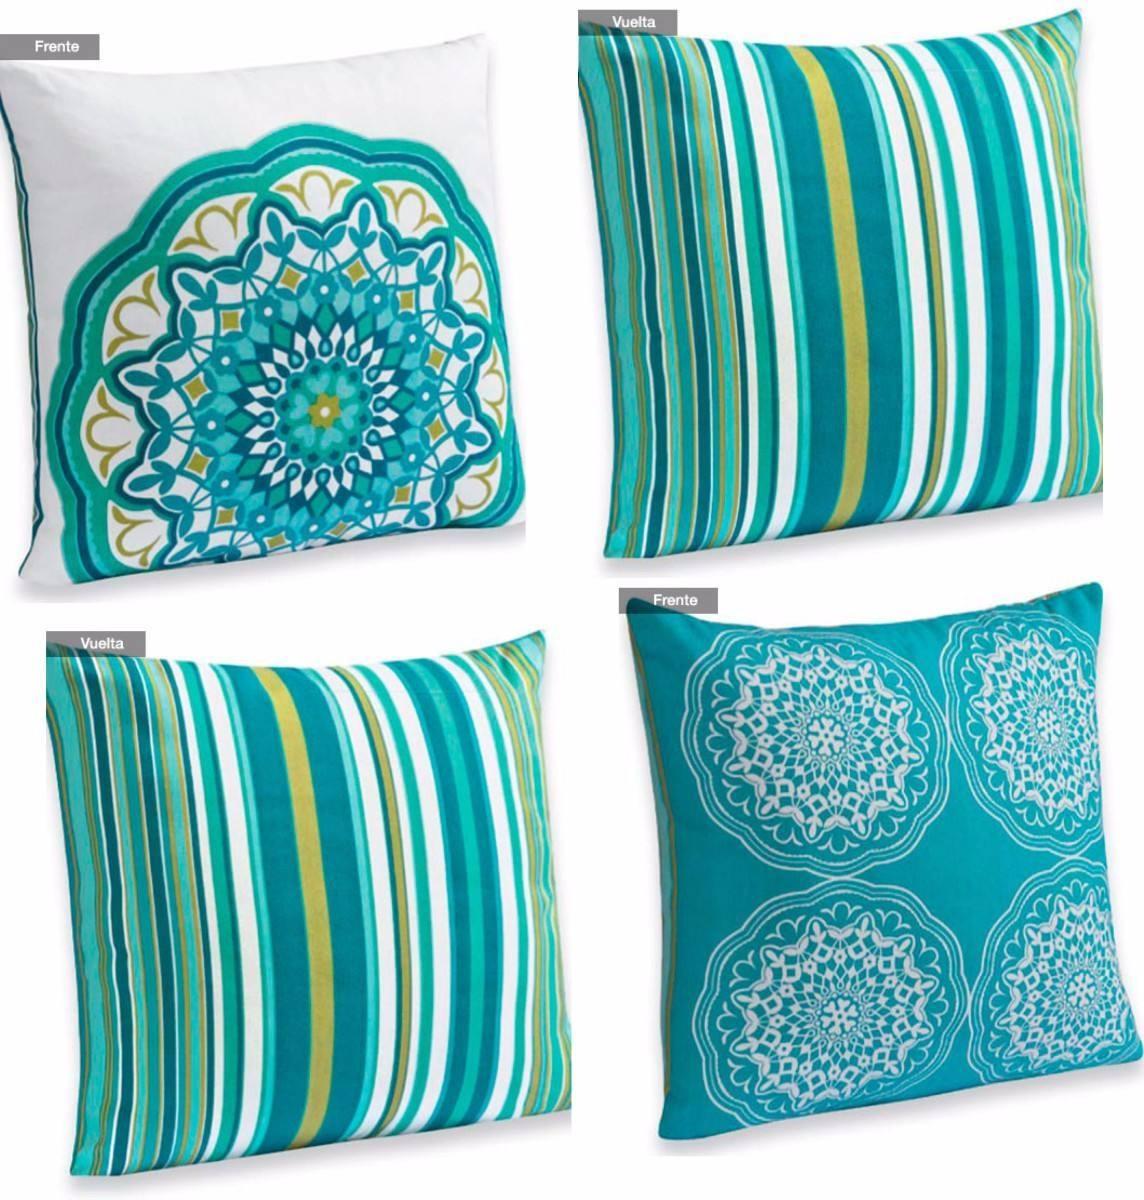 Cojines decorativos 2 pzas variedad de dise os xcaret - Cojines de diseno ...